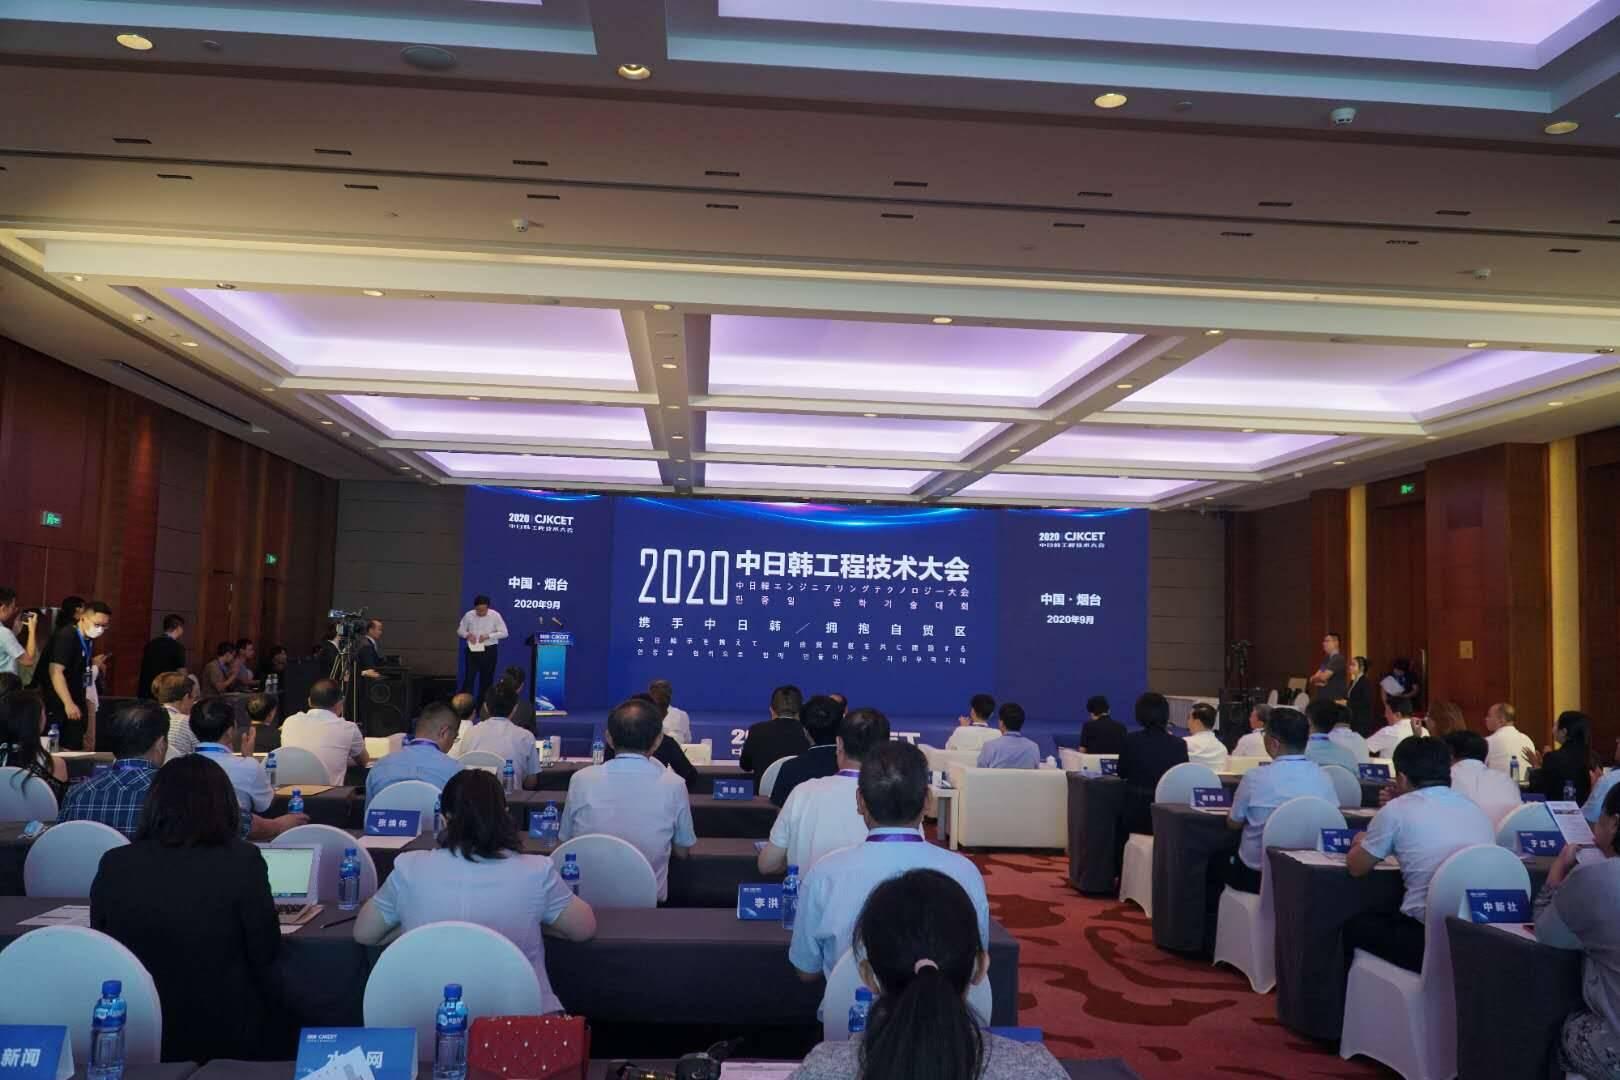 携手中日韩,拥抱自贸区!2020年中日韩工程技术大会在烟台开幕